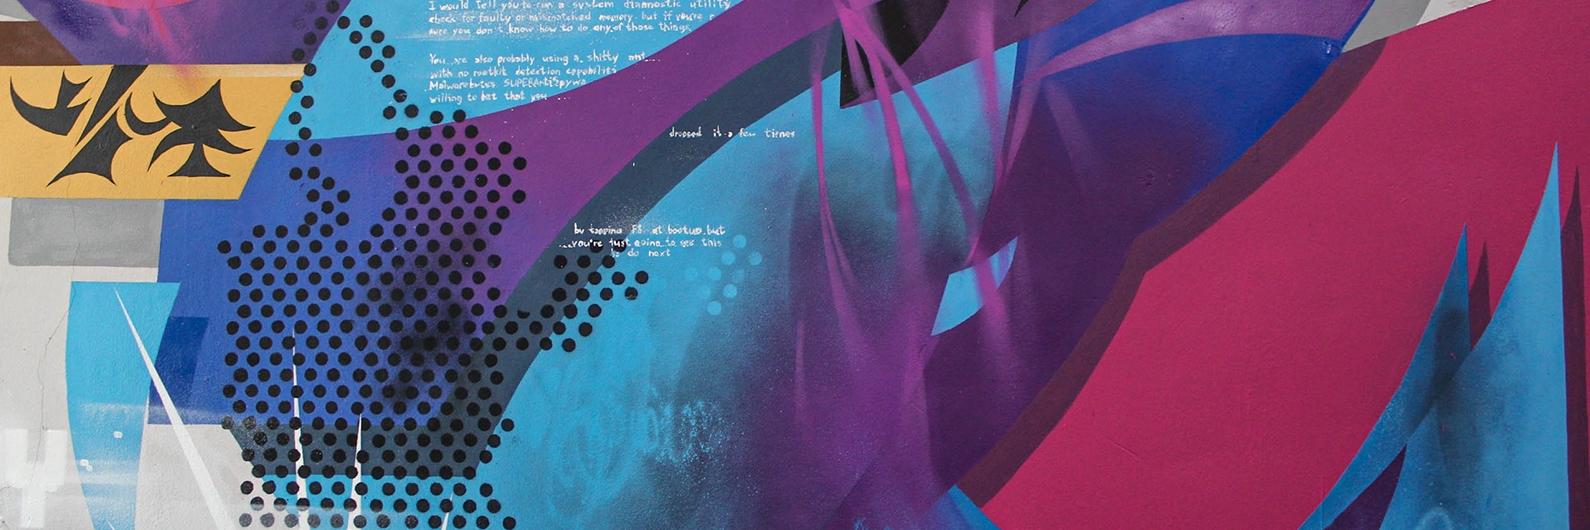 Daniil Danet (@daniildanet) Cover Image